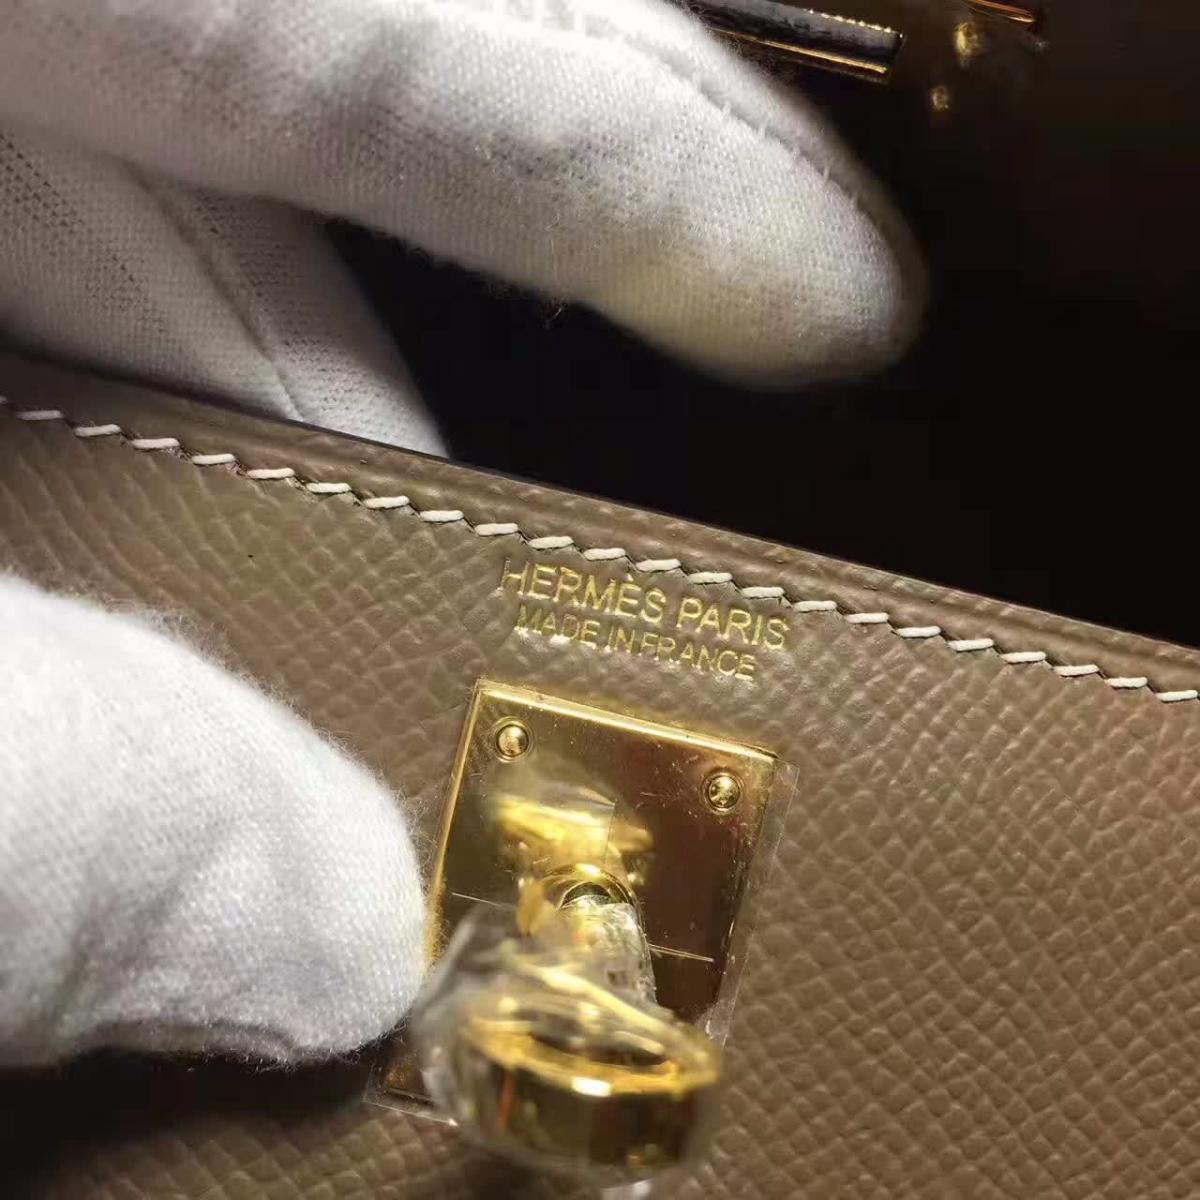 Hermes Mini Bag hhem574_5